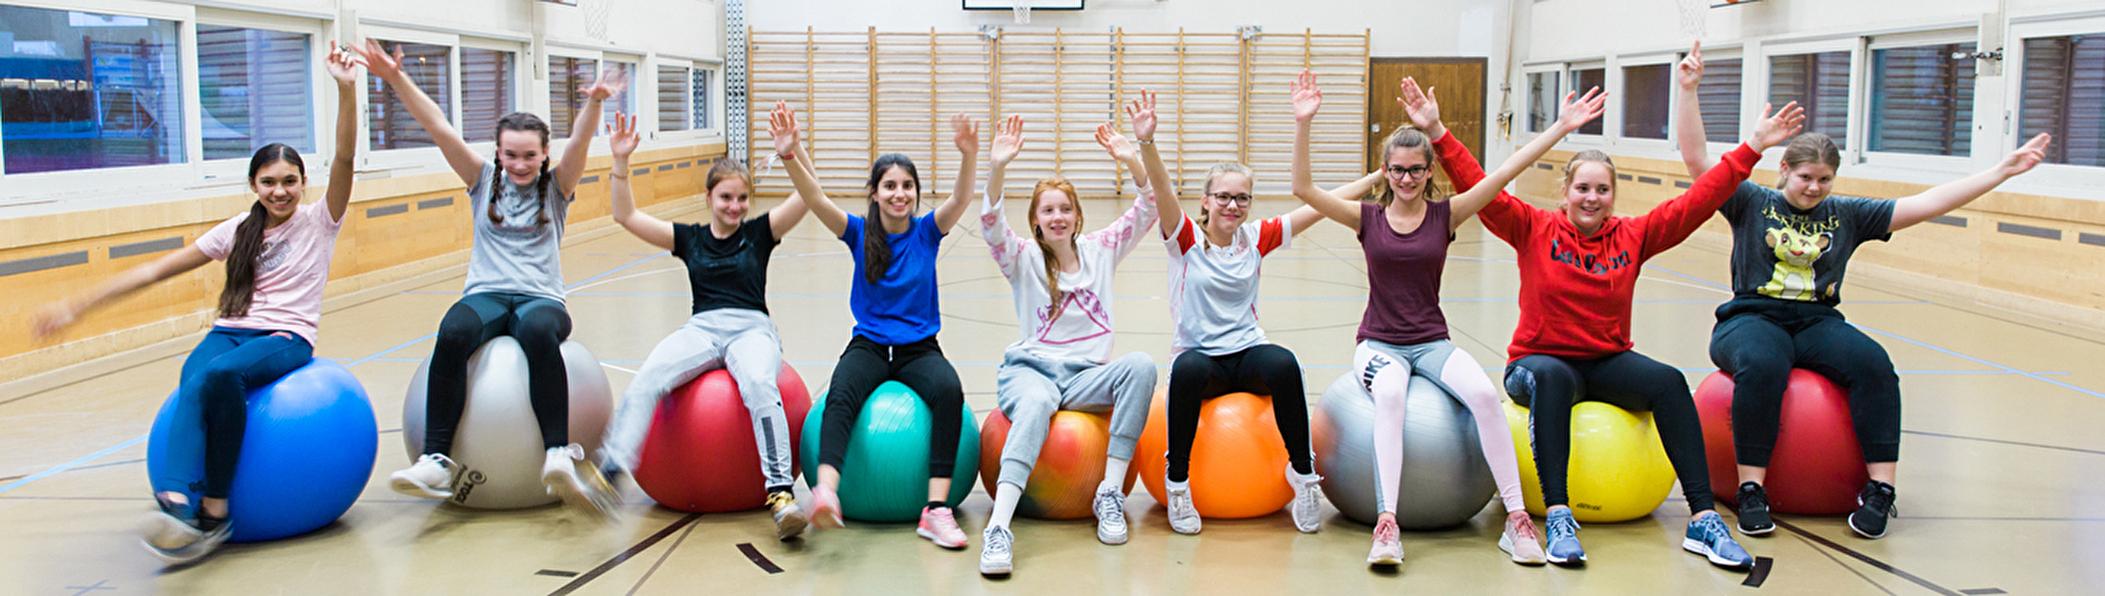 Mädchen sitzen auf Gymnastikbällen und halten die Hände in die Höhe